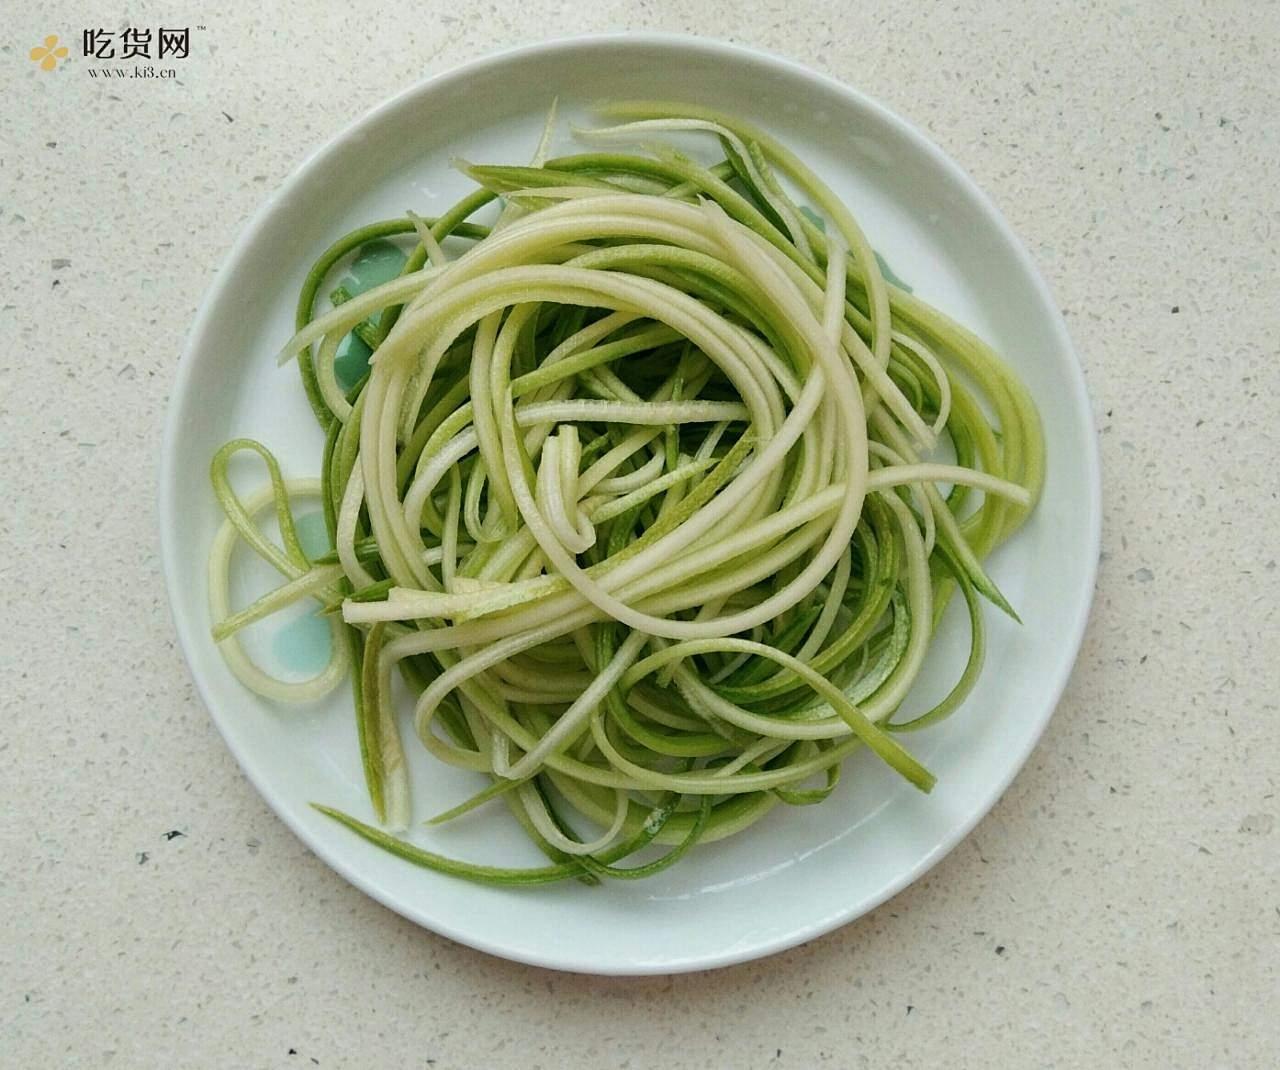 减脂,断糖也能吃的麻辣鸡丝凉面(西葫芦丝)的做法 步骤10